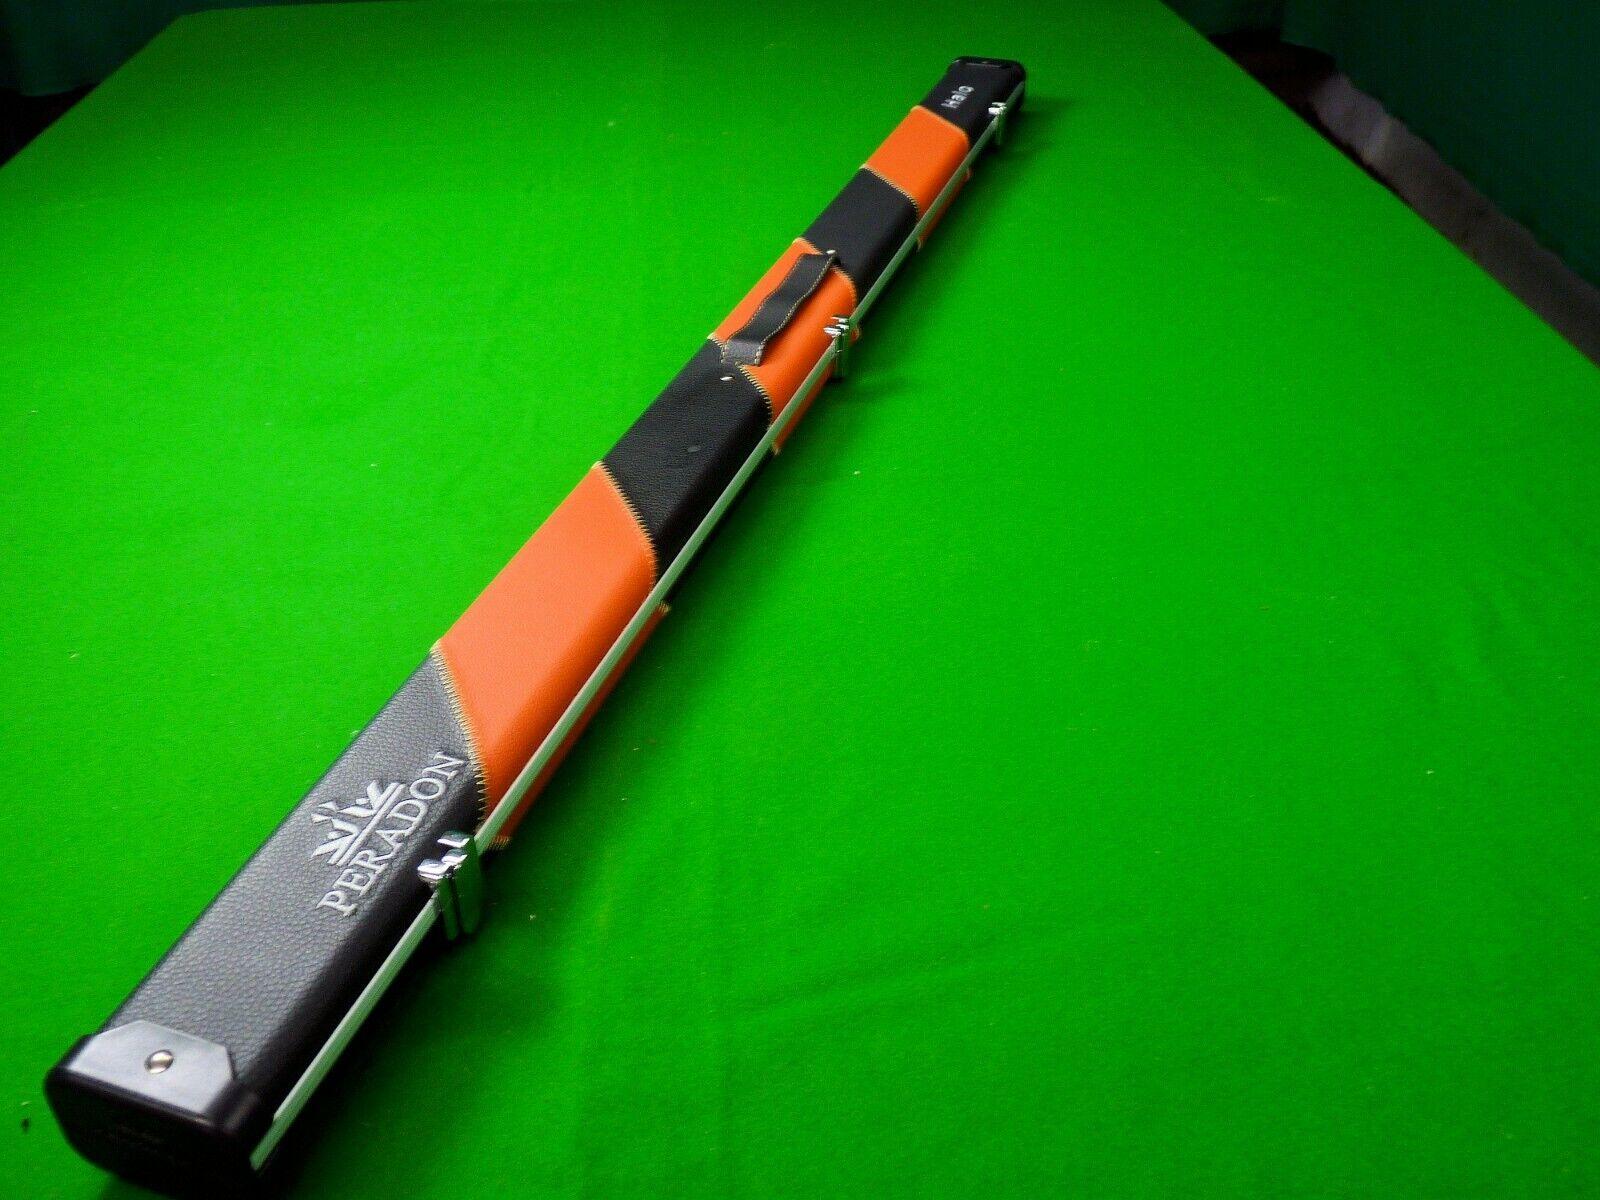 Peradon Halo 3/4 Jointed Snooker Cue Case Black/Orange Striped